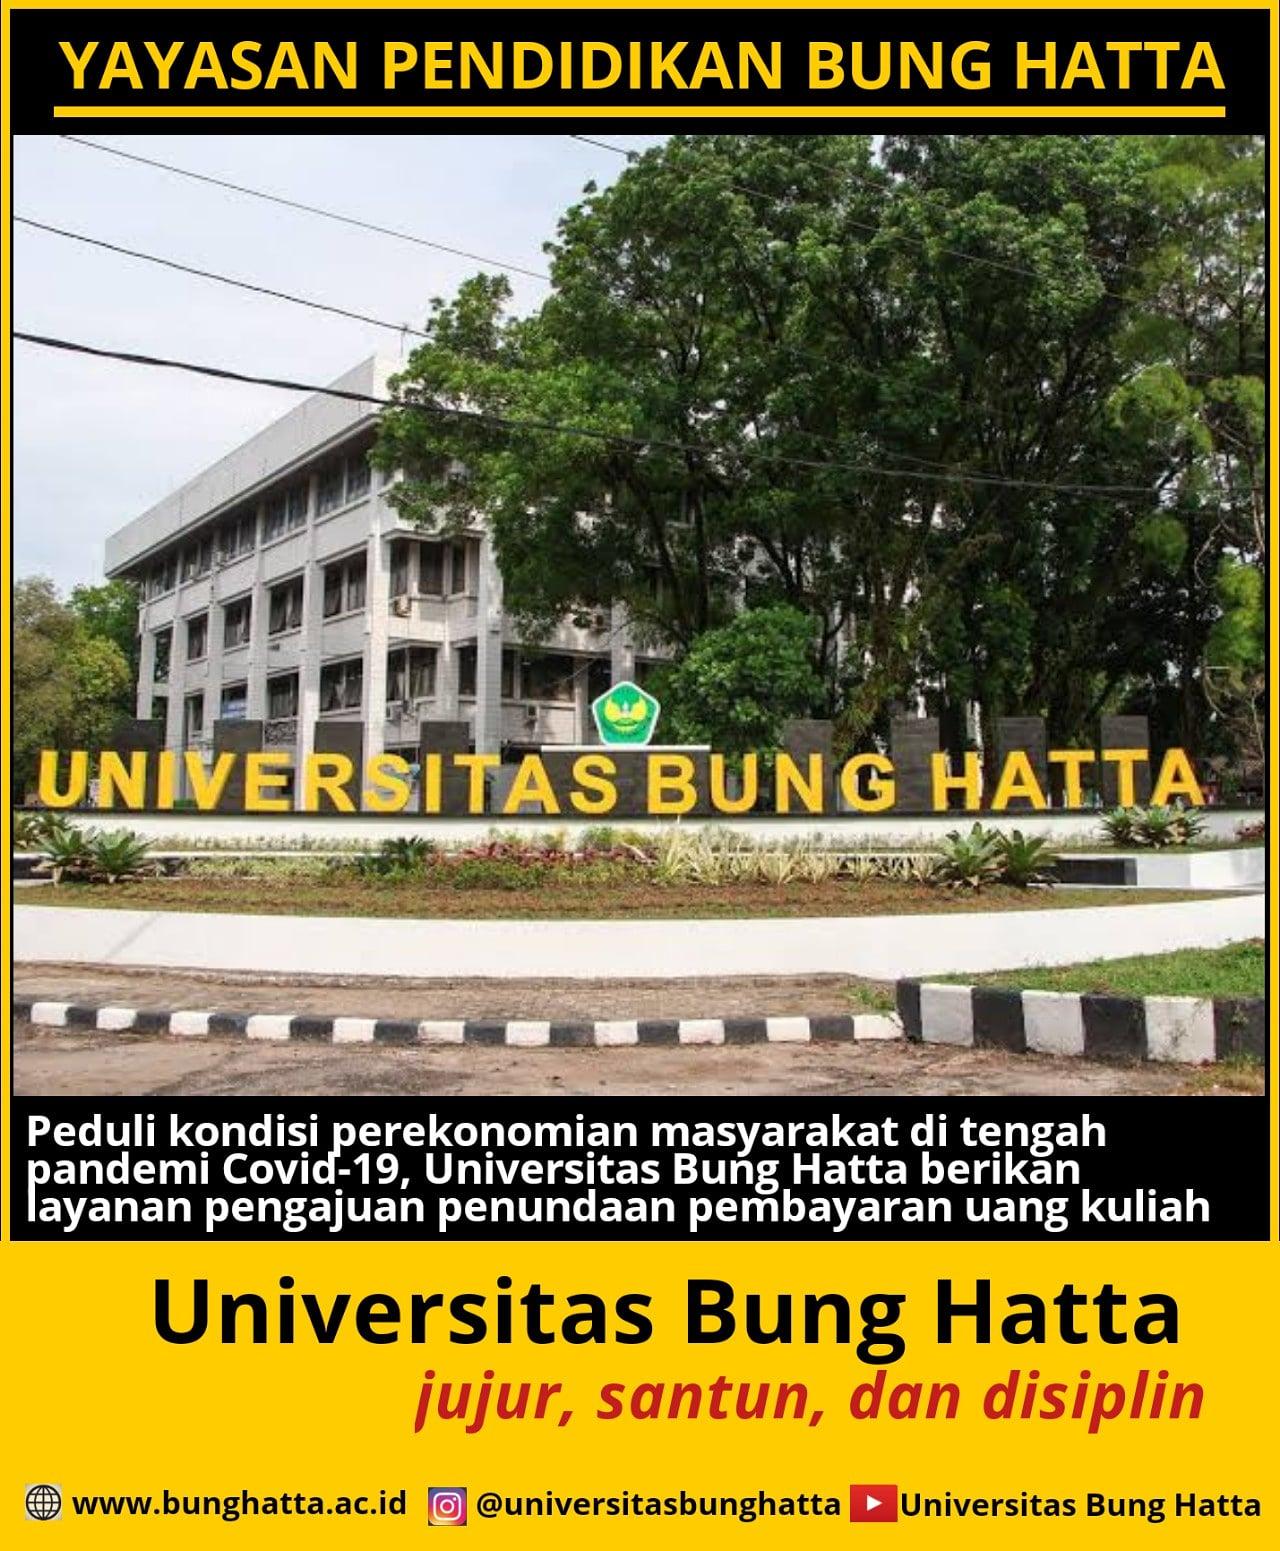 Universitas Bung Hatta Beri Kesempatan bagi Mahasiswa untuk Pengajuan Penundaan Pembayaran SPP